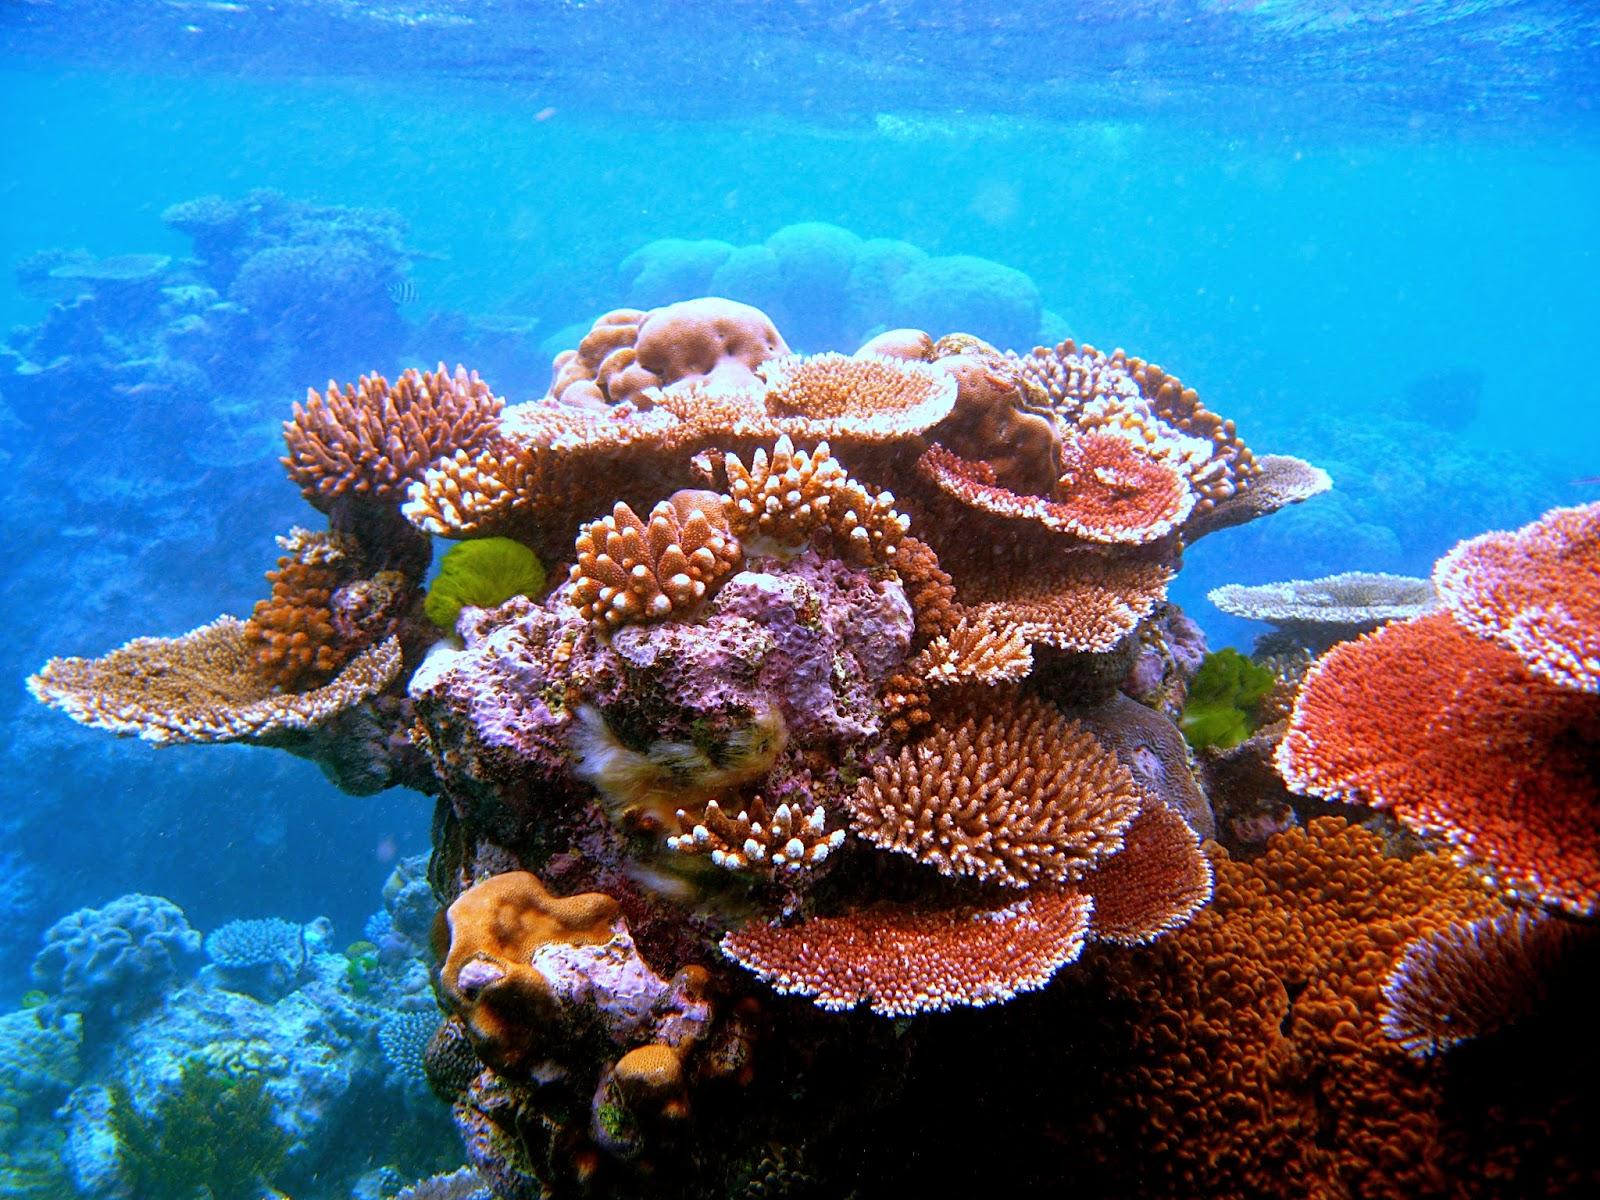 http://phys.org/news/2015-02-fish-pee-coastal-ecosystems-healthy.html